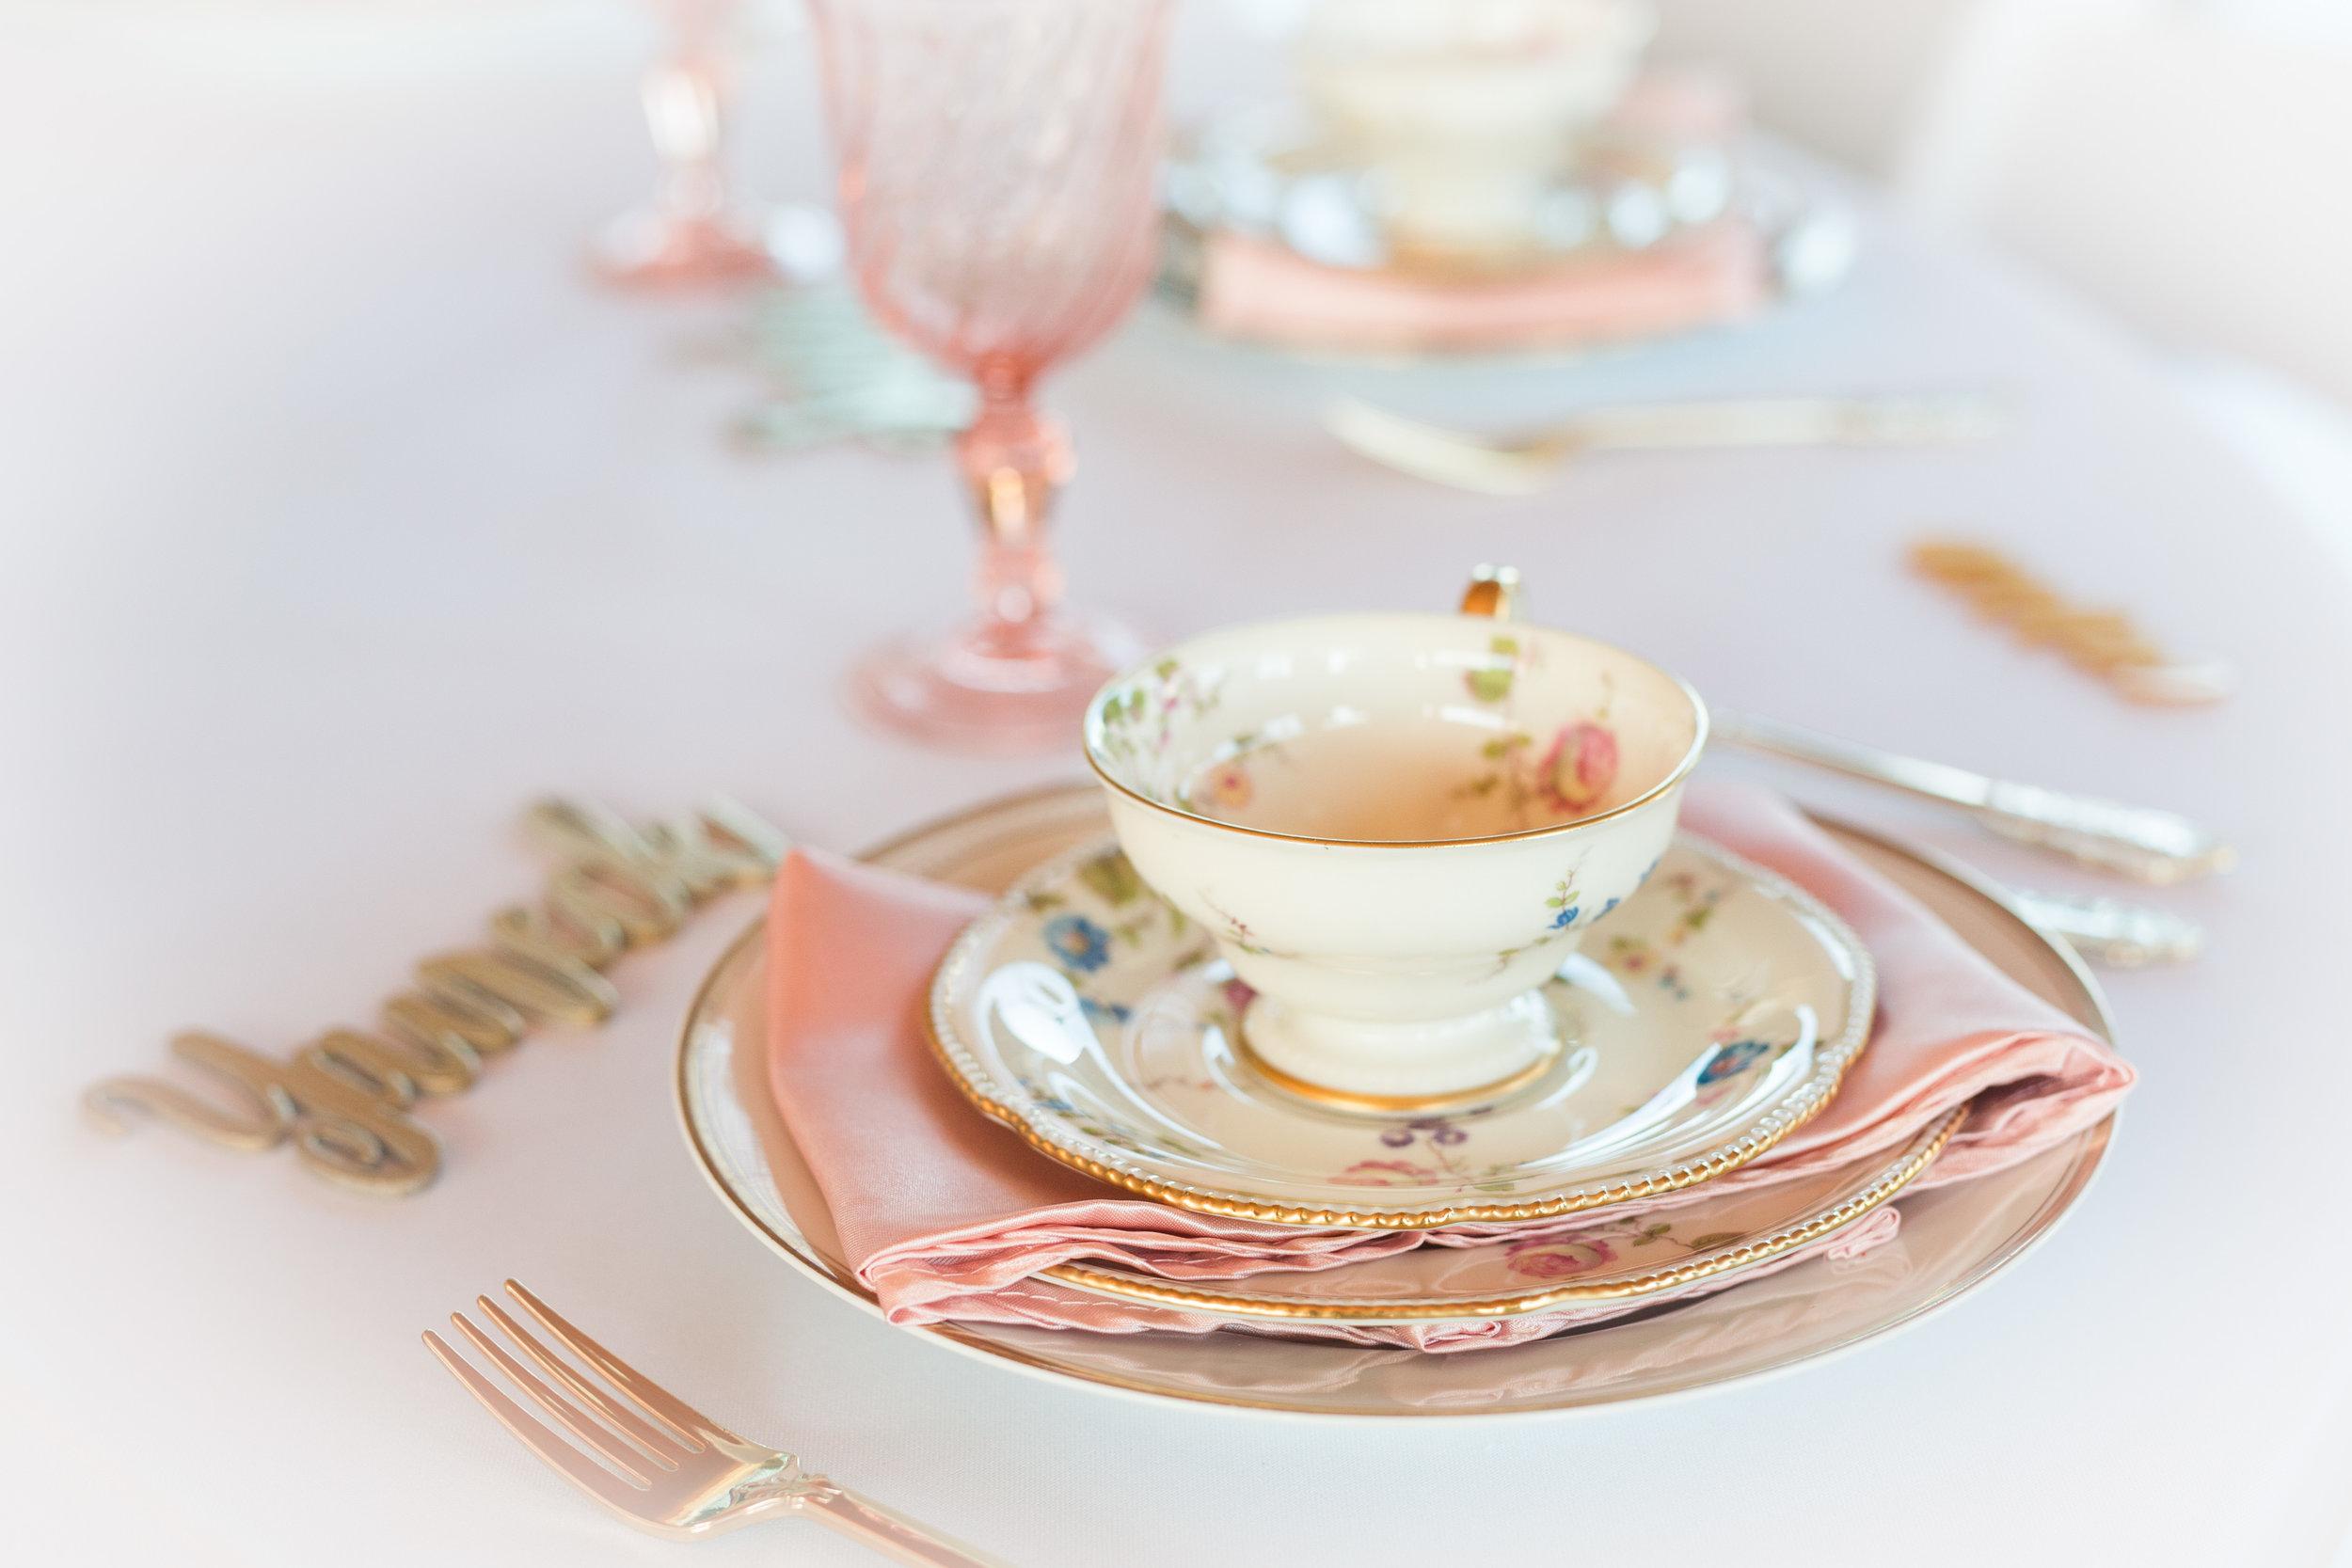 Tea Cup and Saucer Set - $3.00